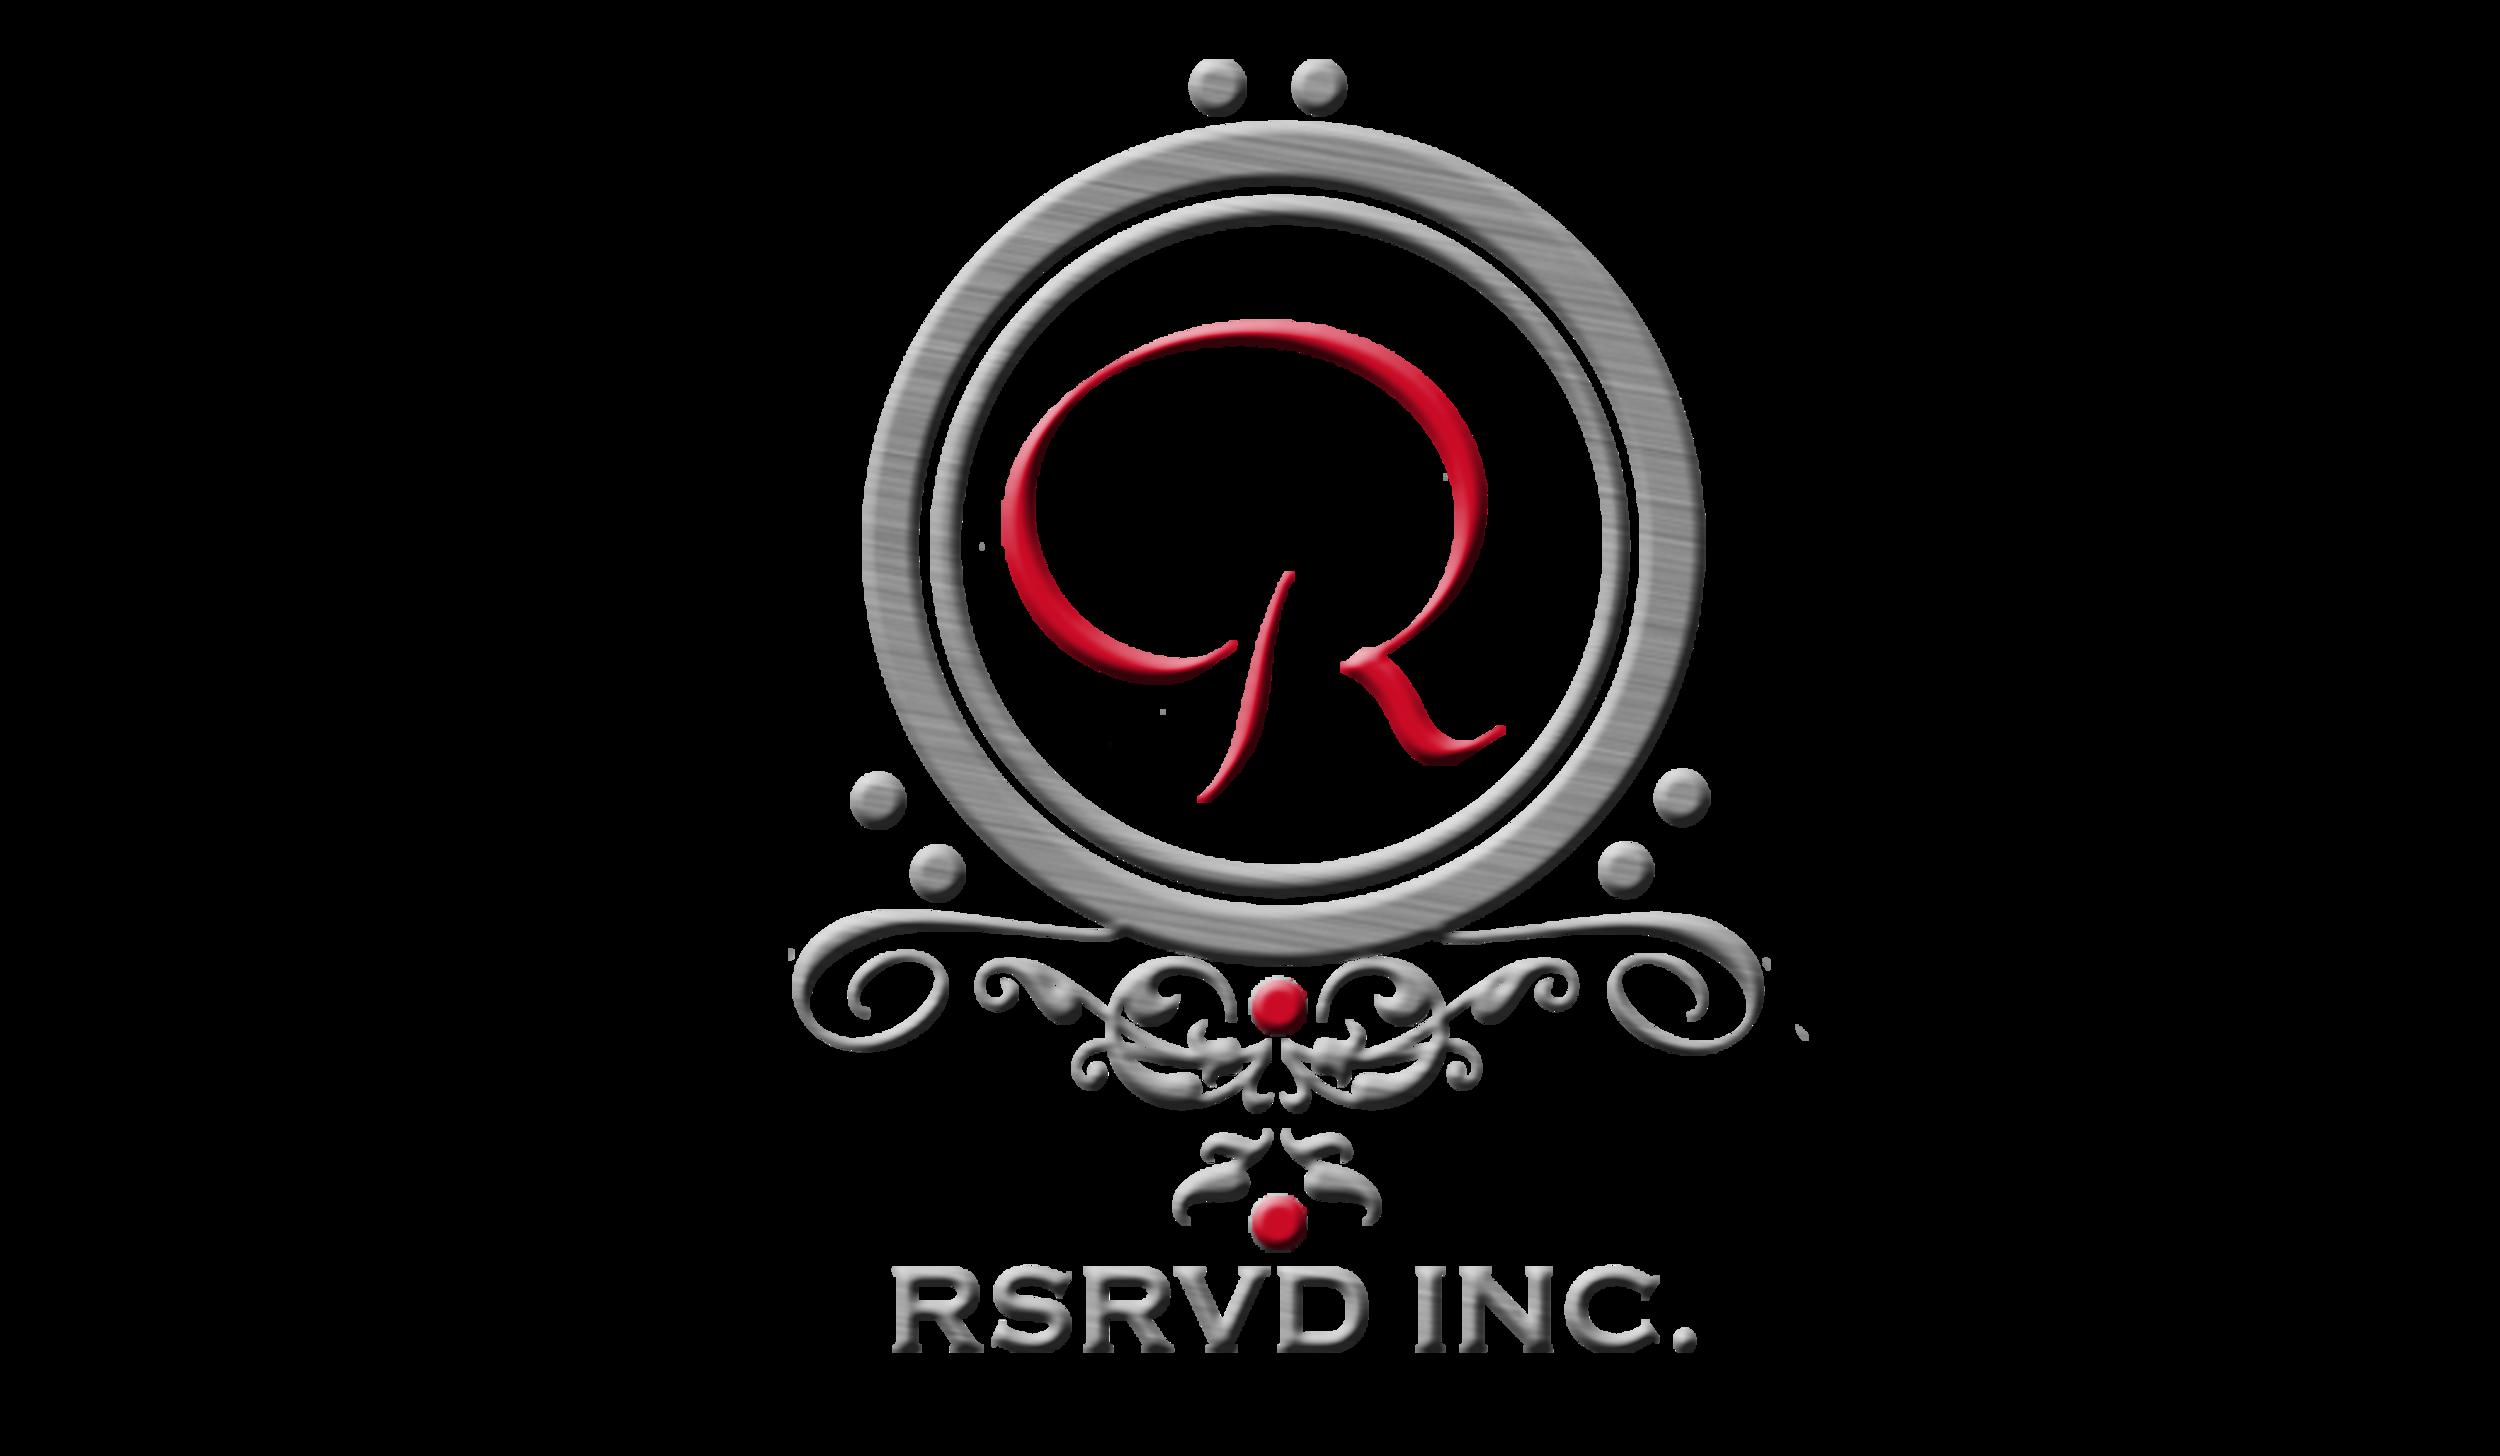 FinalRSRVD.png